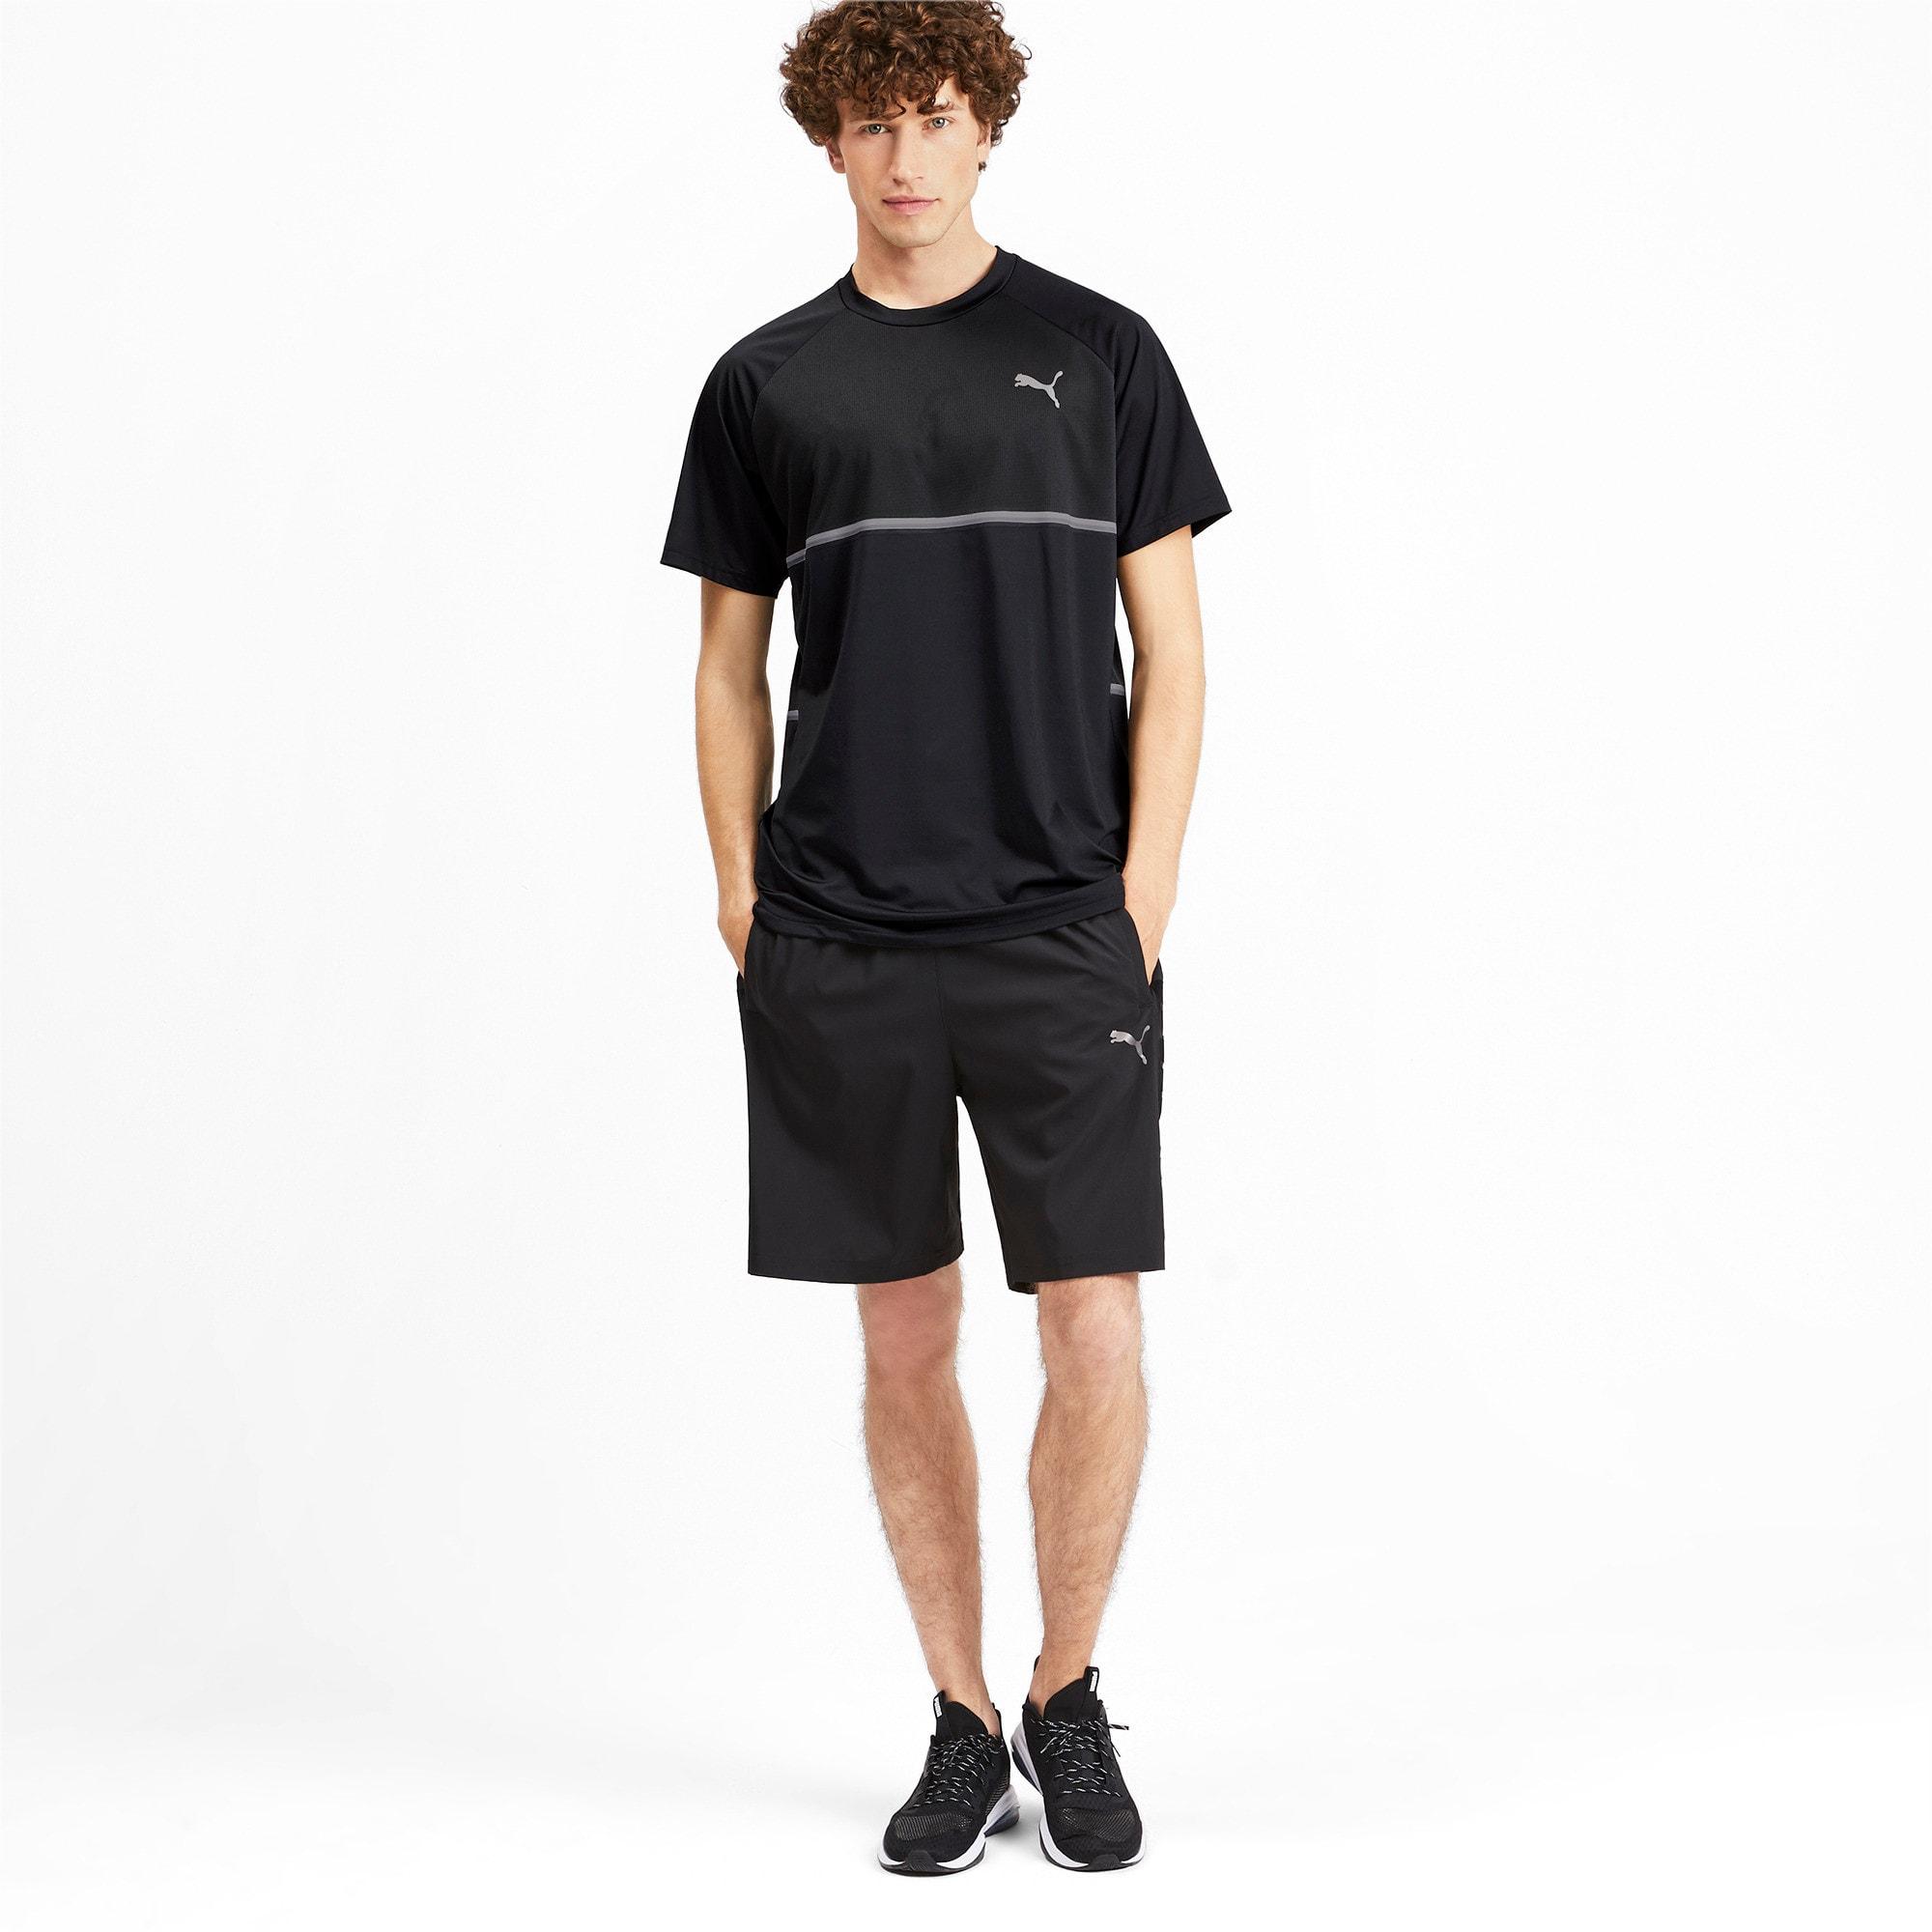 Miniatura 3 de Camiseta Power BND para hombre, Puma Black, mediano